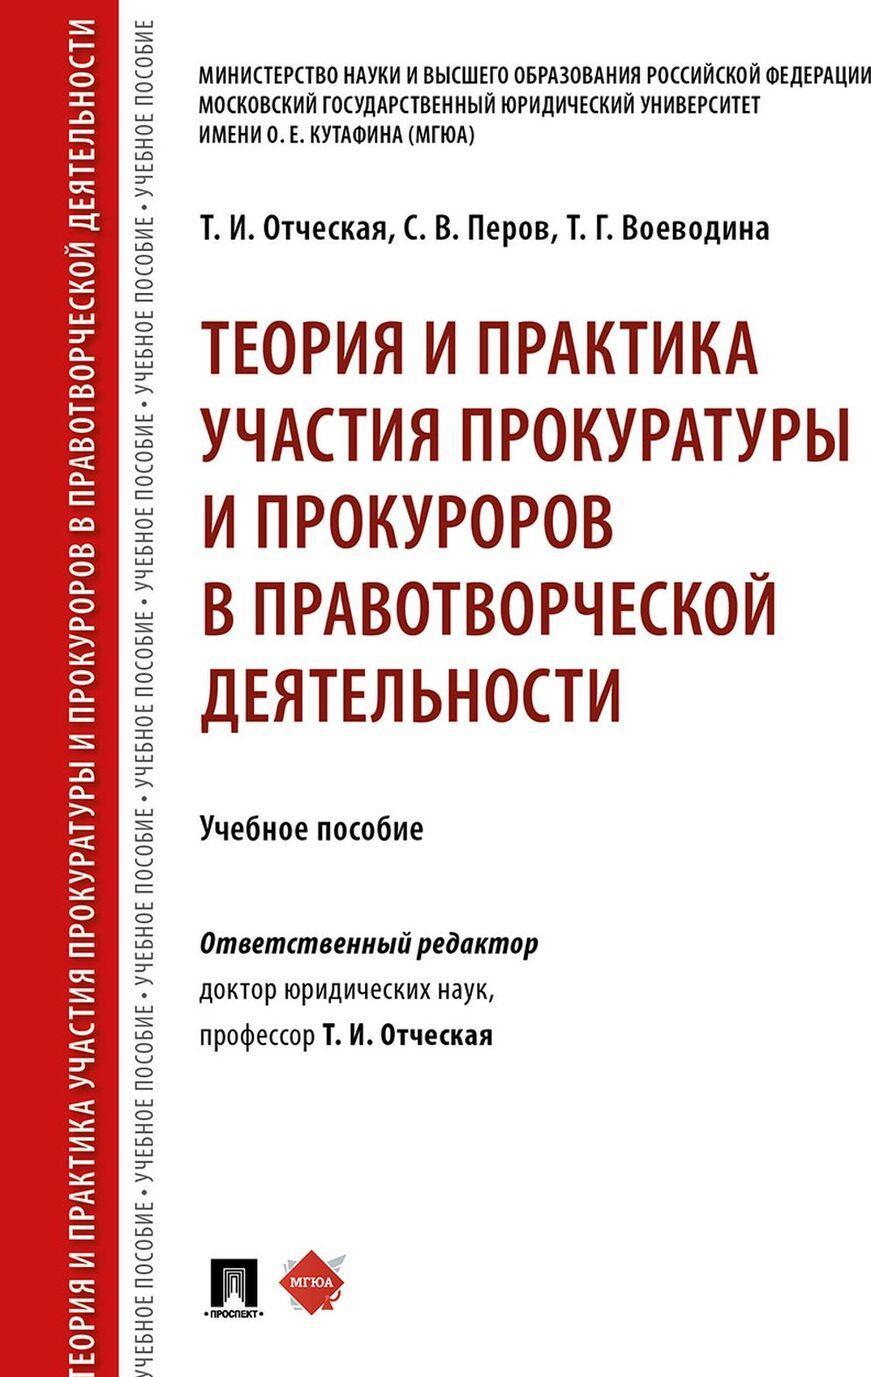 Teorija i praktika uchastija prokuratury i prokurorov v pravotvorcheskoj dejatelnosti. Uchebnoe posobie